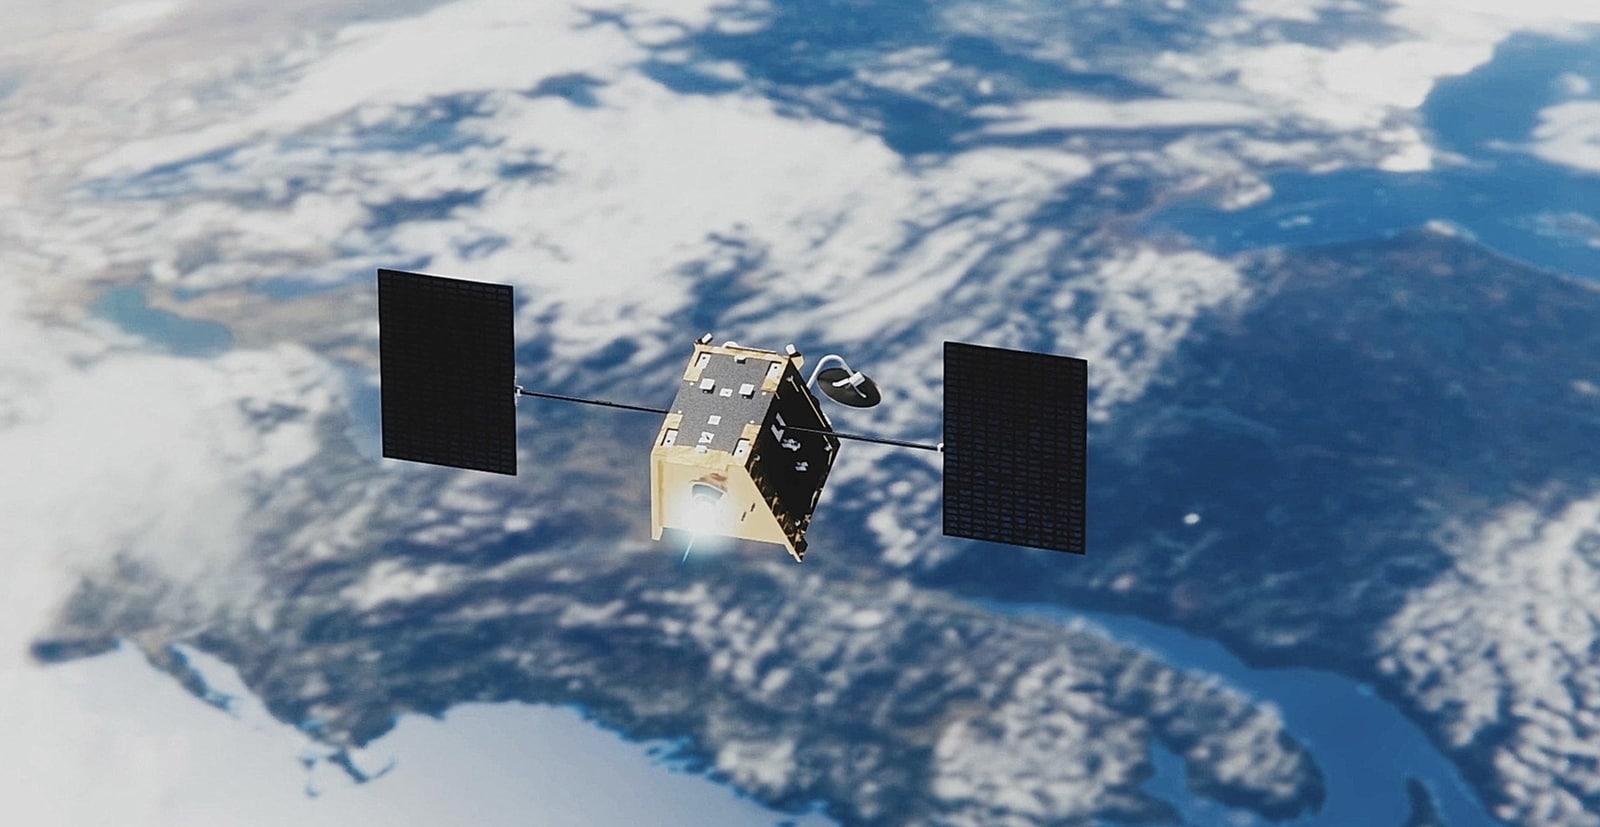 Công ty cung cấp dịch vụ Internet vệ tinh OneWeb tuyên bố sẽ phủ sóng toàn bộ Bắc Cực vào năm 2020 - Hình 1